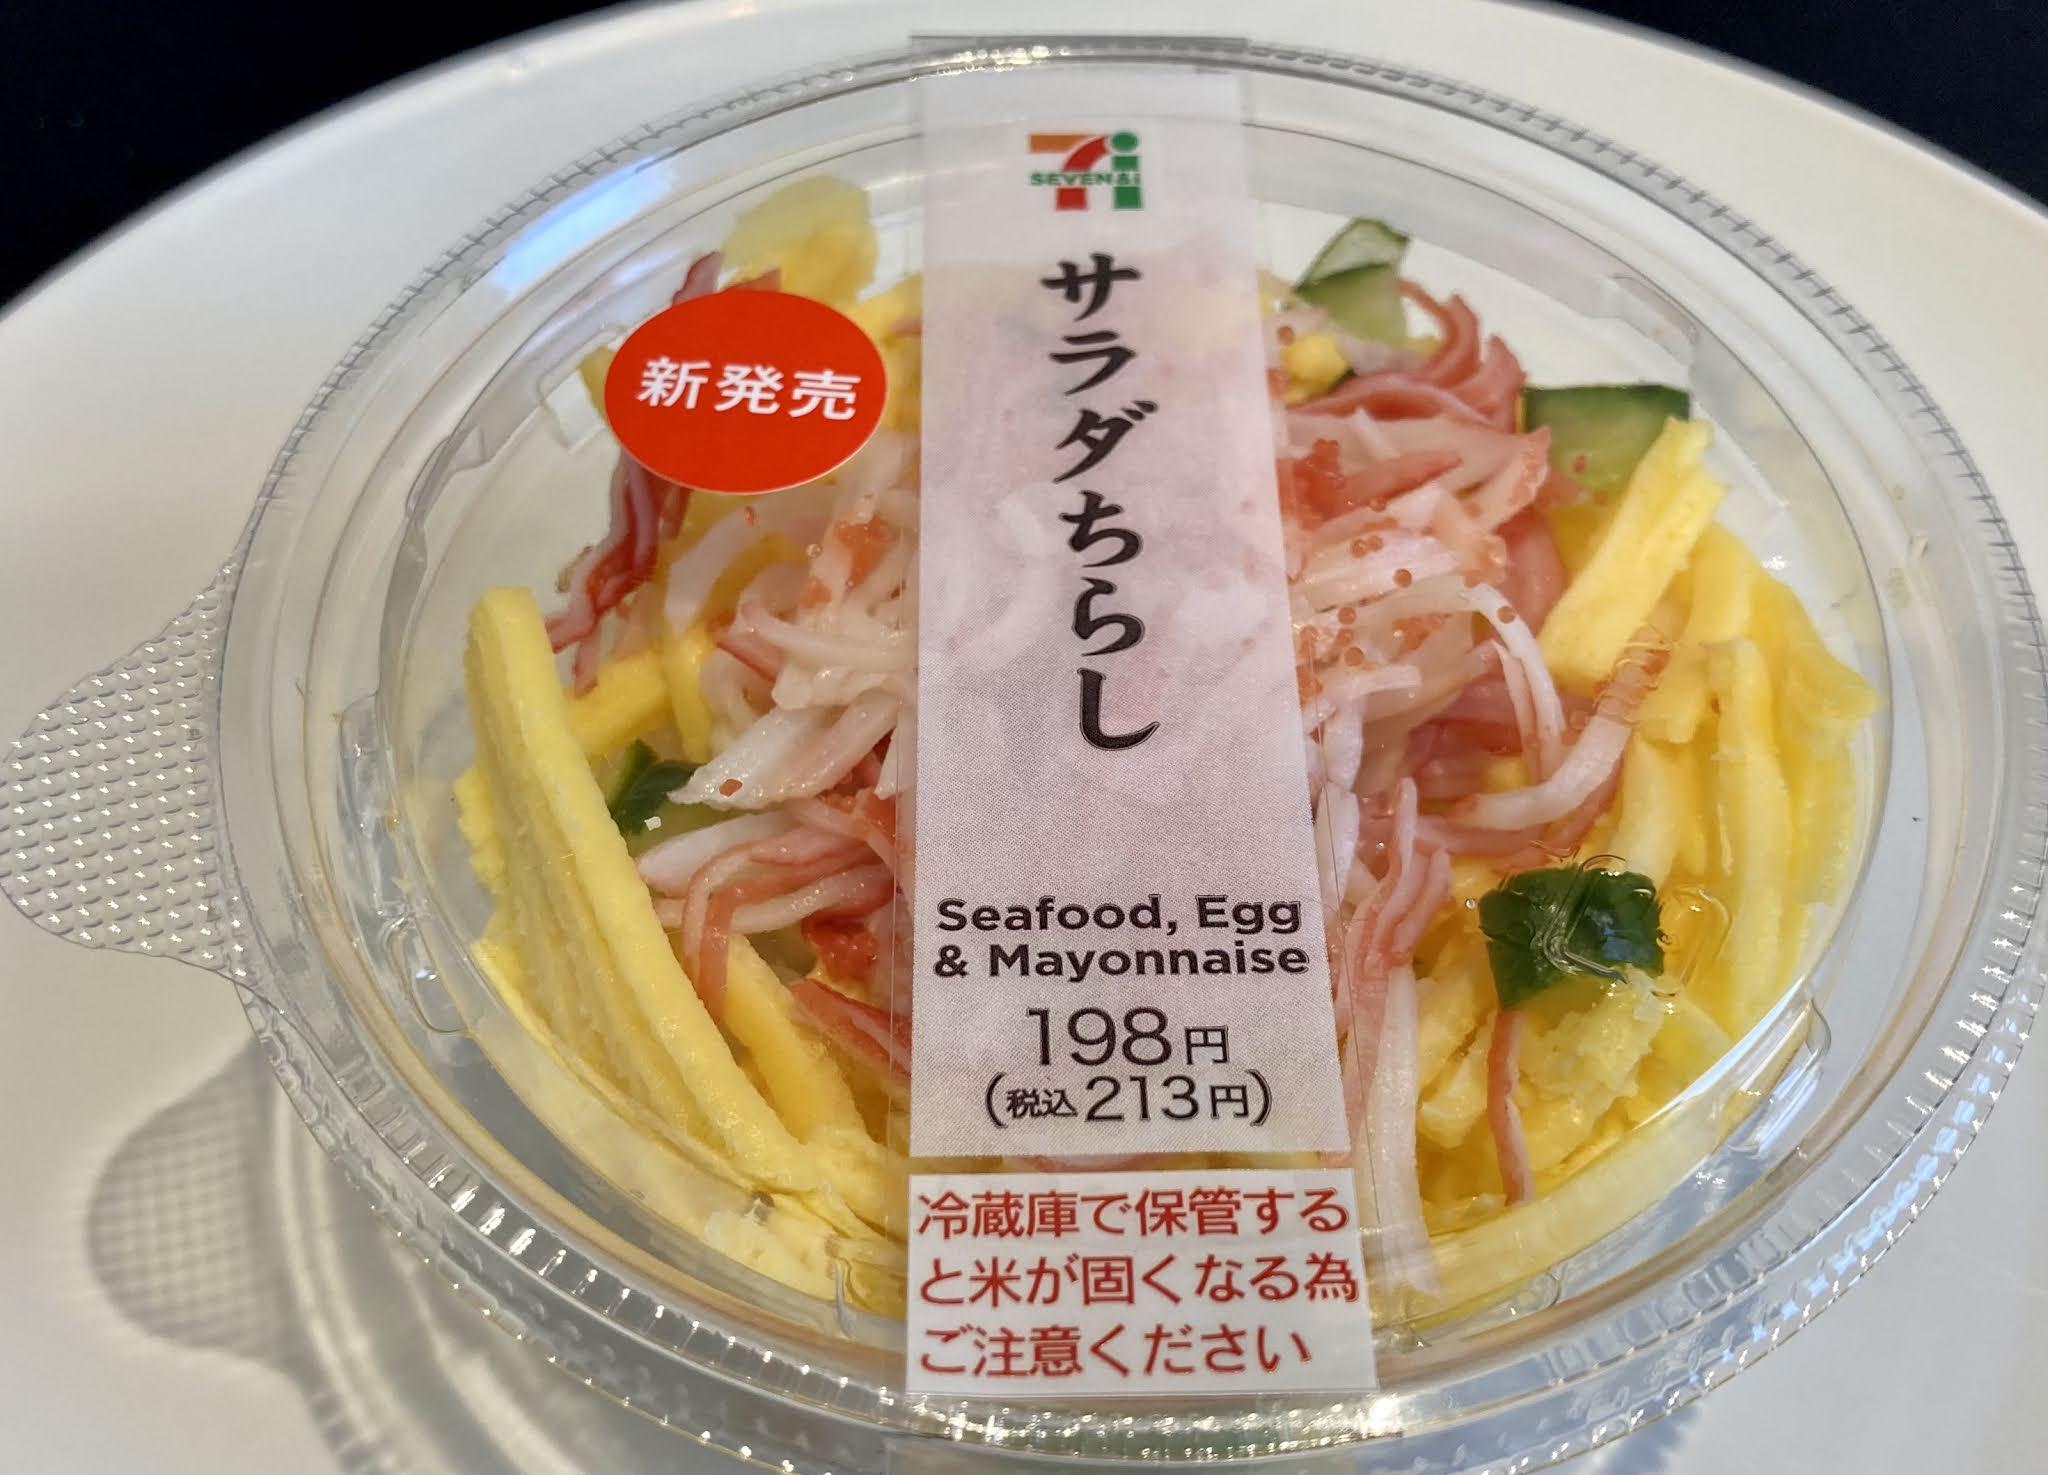 寿司 カロリー ちらし 鯖寿司のカロリー一覧と糖質・栄養成分